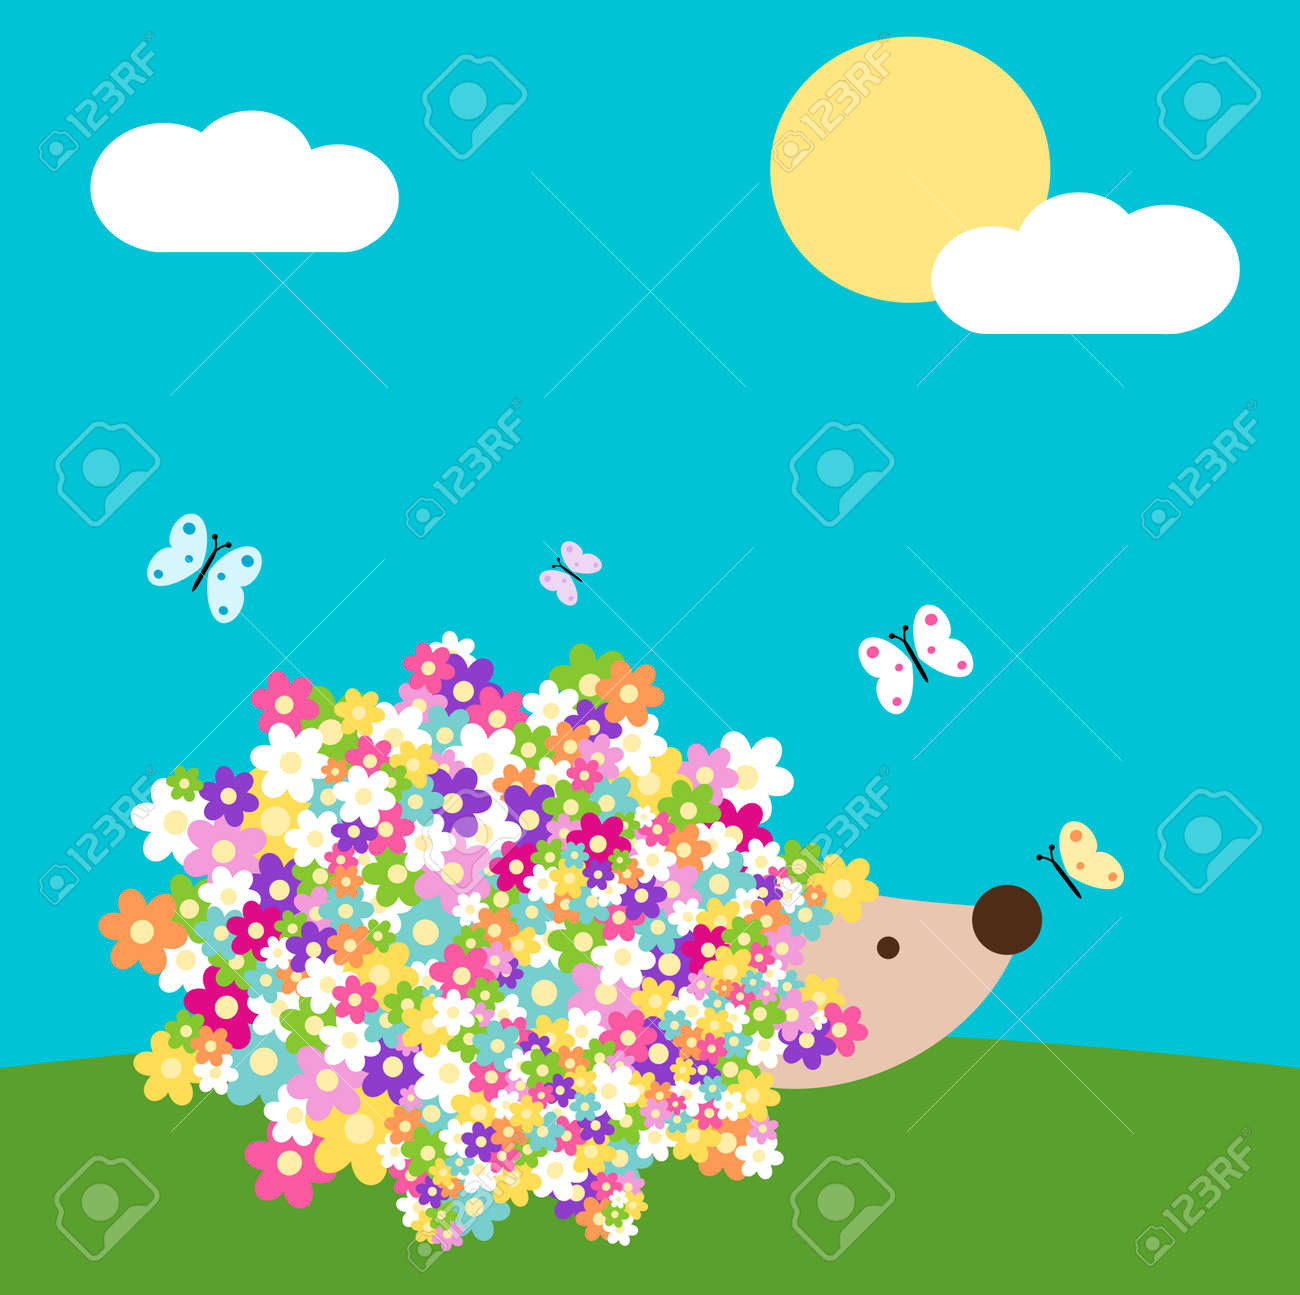 Erizo Lindo De Dibujos Animados Con Flores De Primavera Margarita En